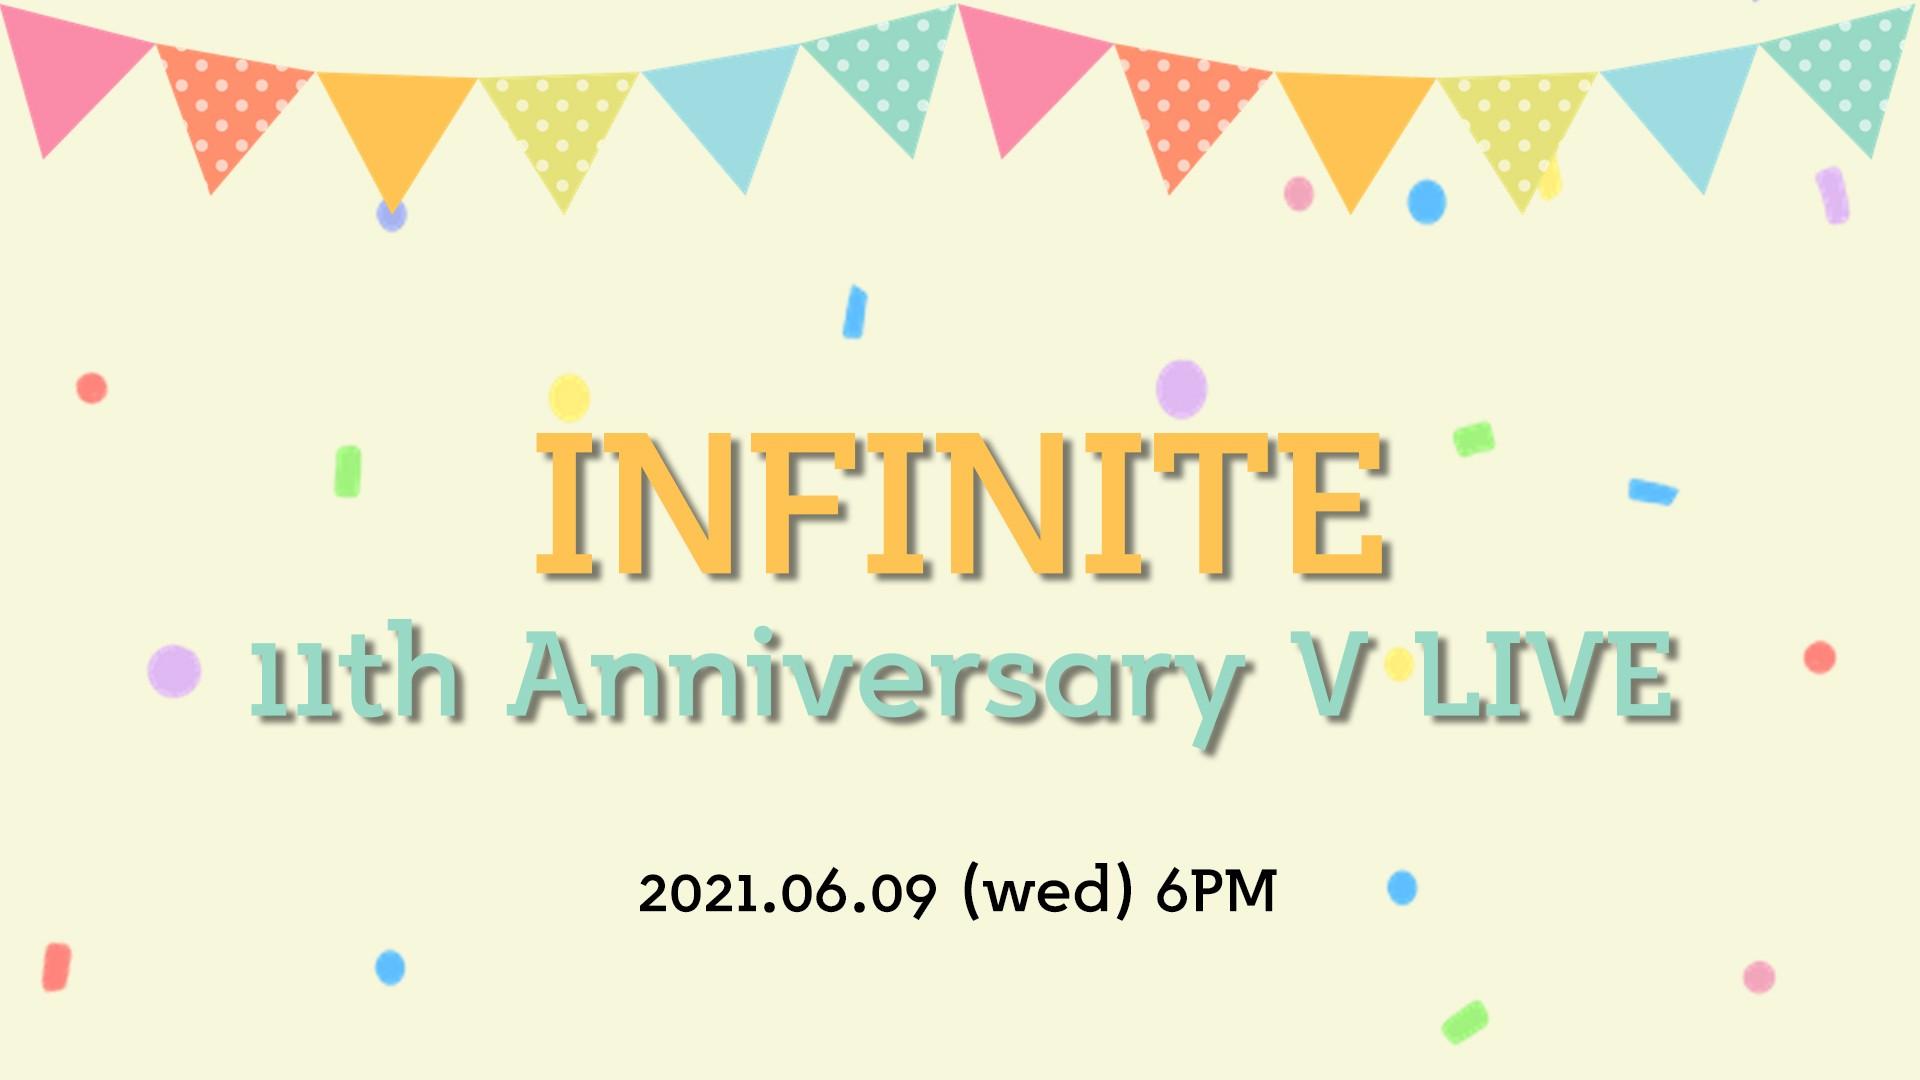 INFINITE 11th Anniversary V LIVE